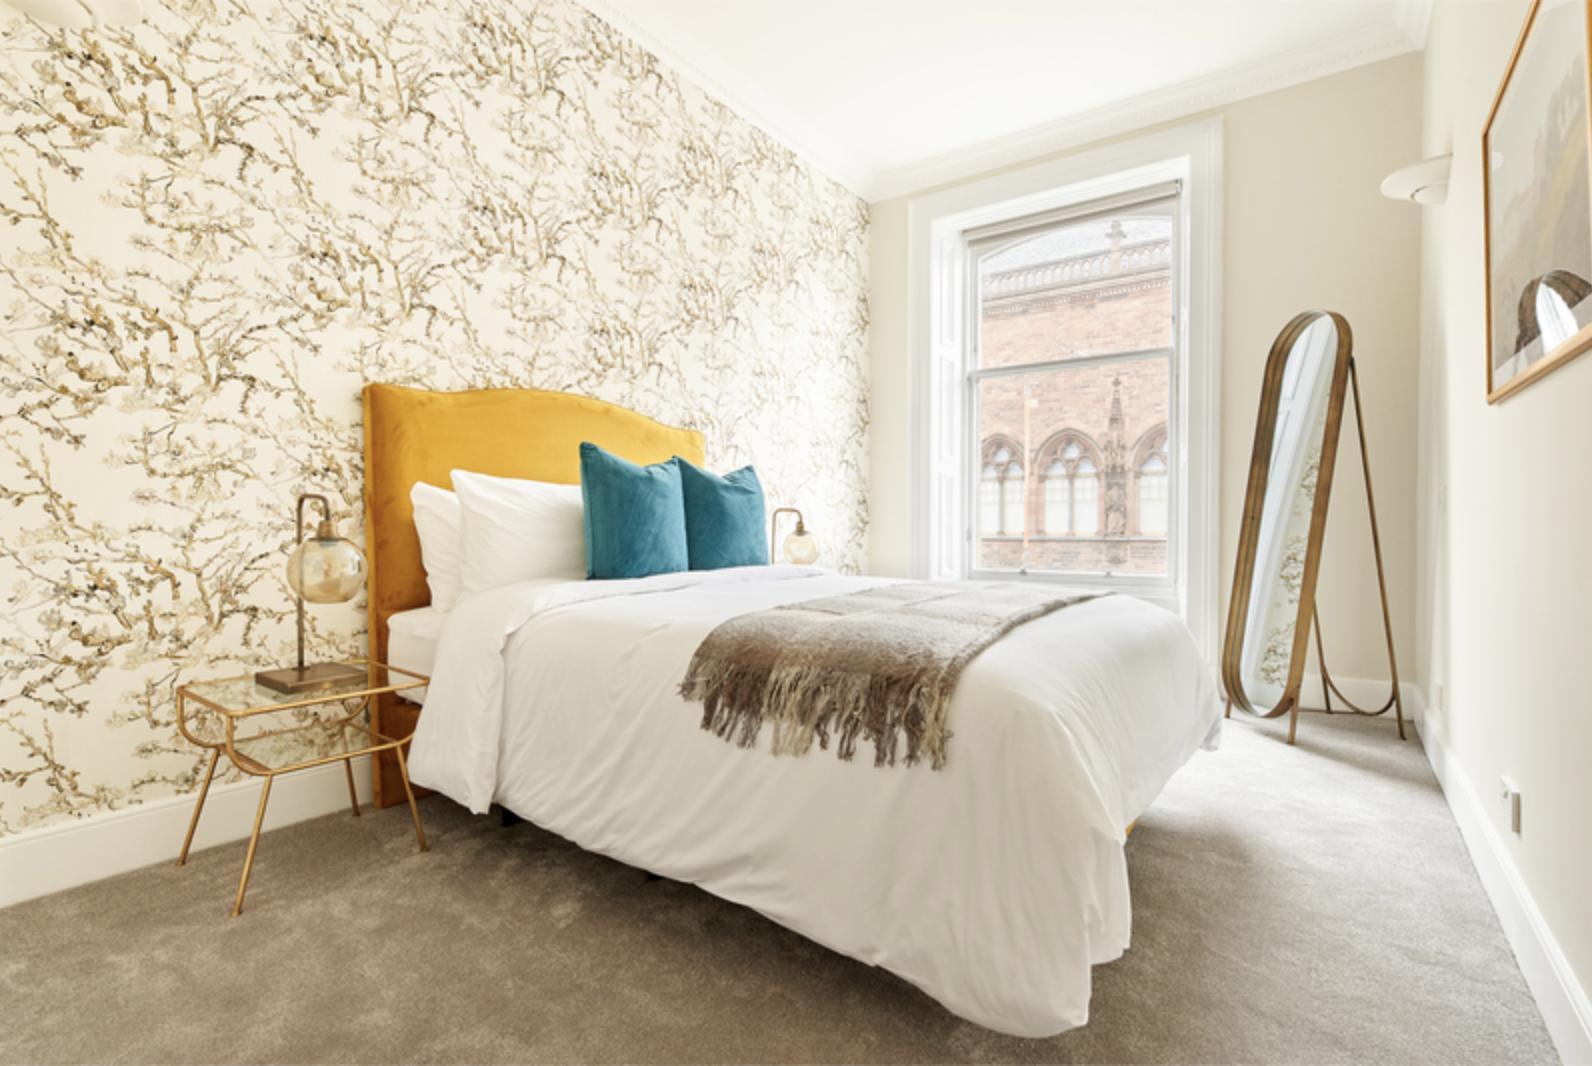 Bed at Royal Garden Serviced Apartments, Centre, Edinburgh - Citybase Apartments